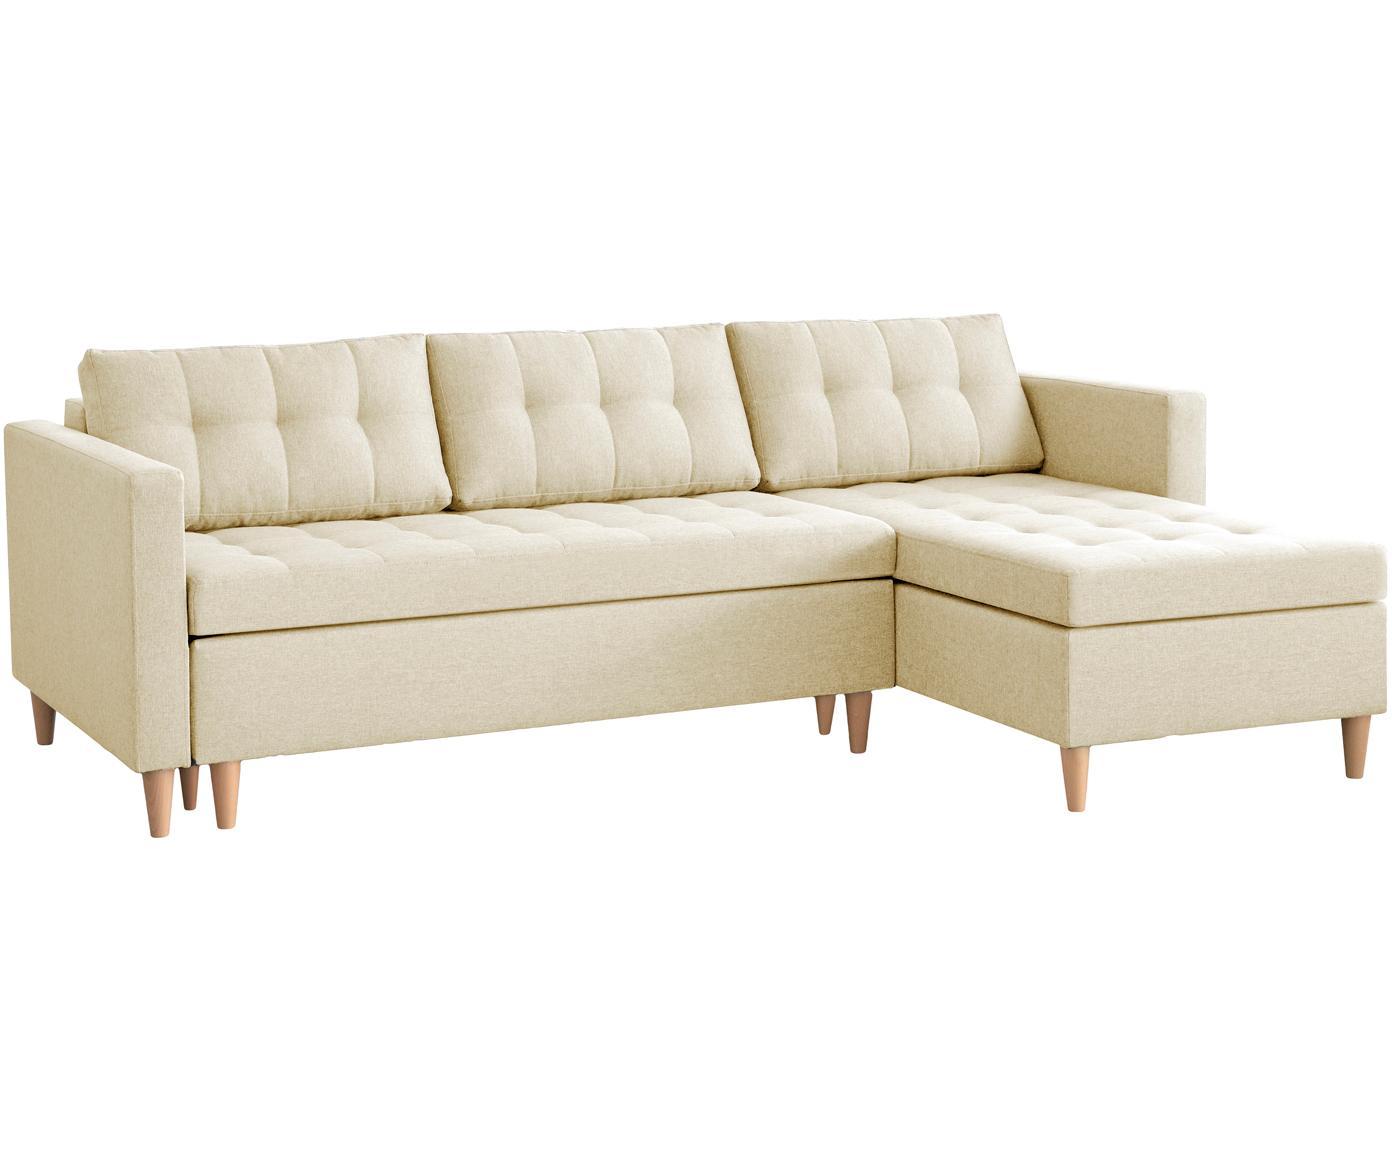 Sofá cama rinconero Fandy, Tapizado: poliéster 100.000ciclos , Estructura: madera maciza, aglomerado, Patas: madera de haya, Tejido beige, An 223 x F 69 cm